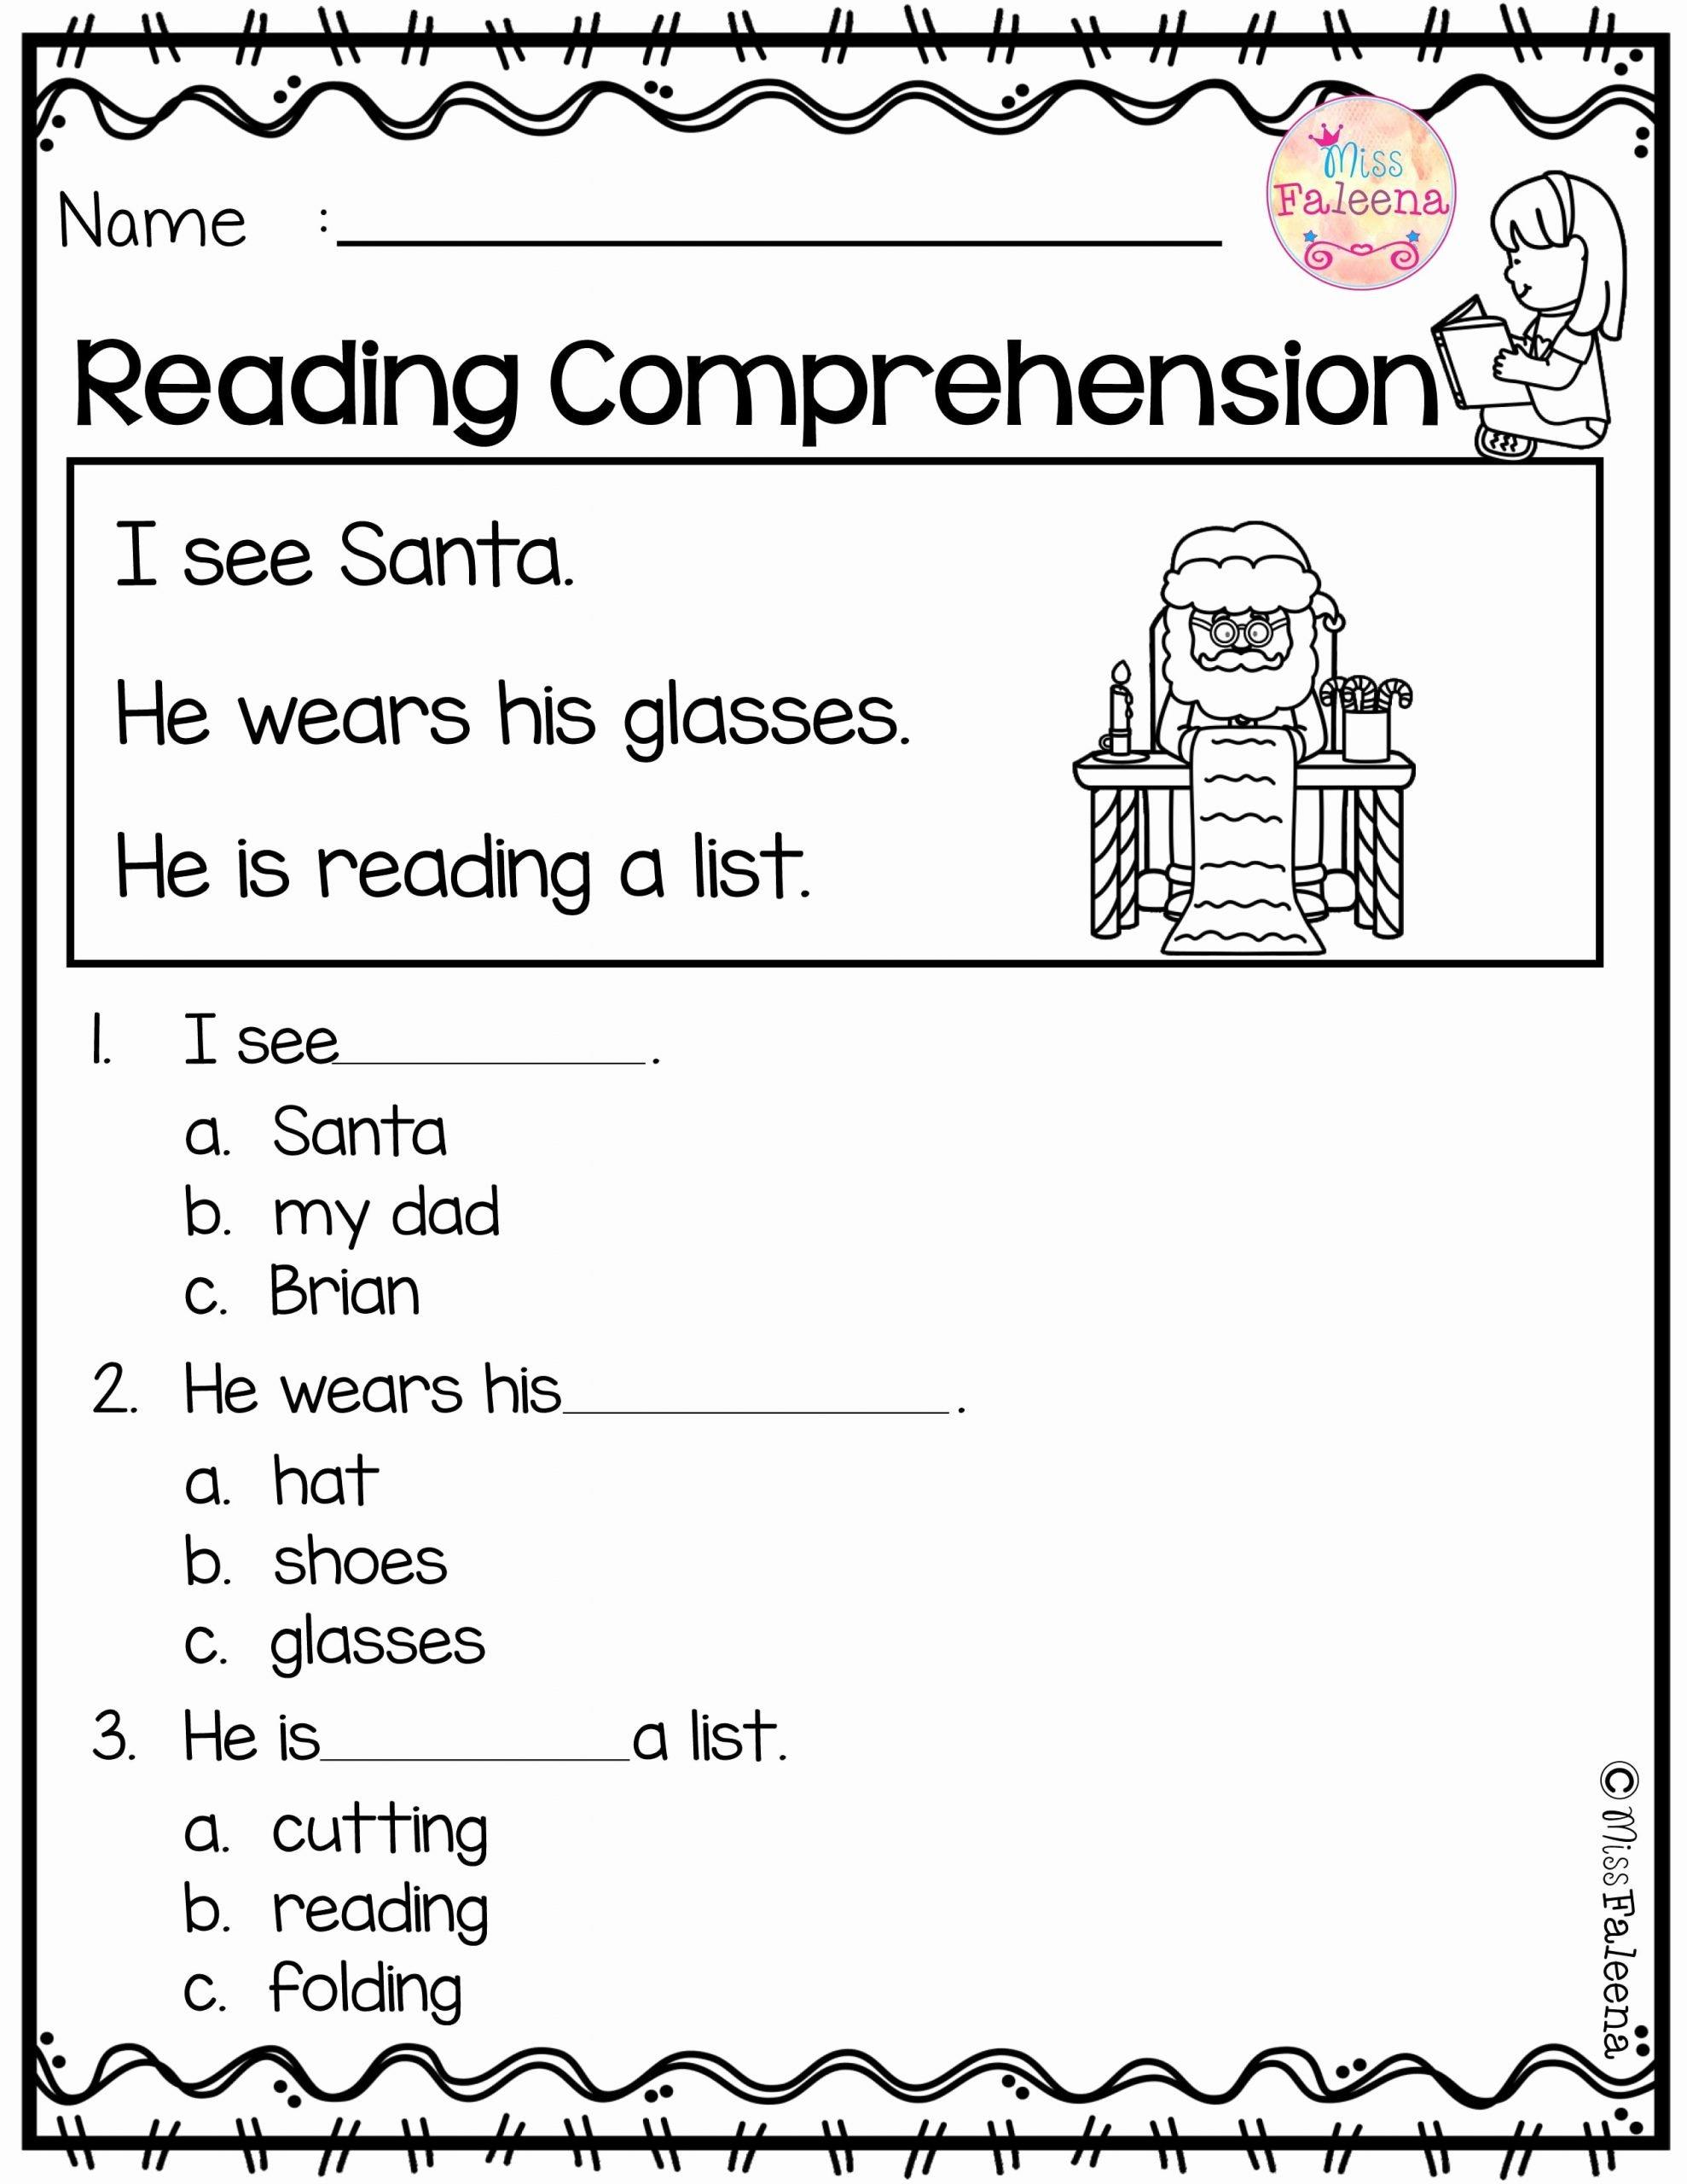 Reading Comprehension Worksheets for Kindergarten Printable December Reading Prehension